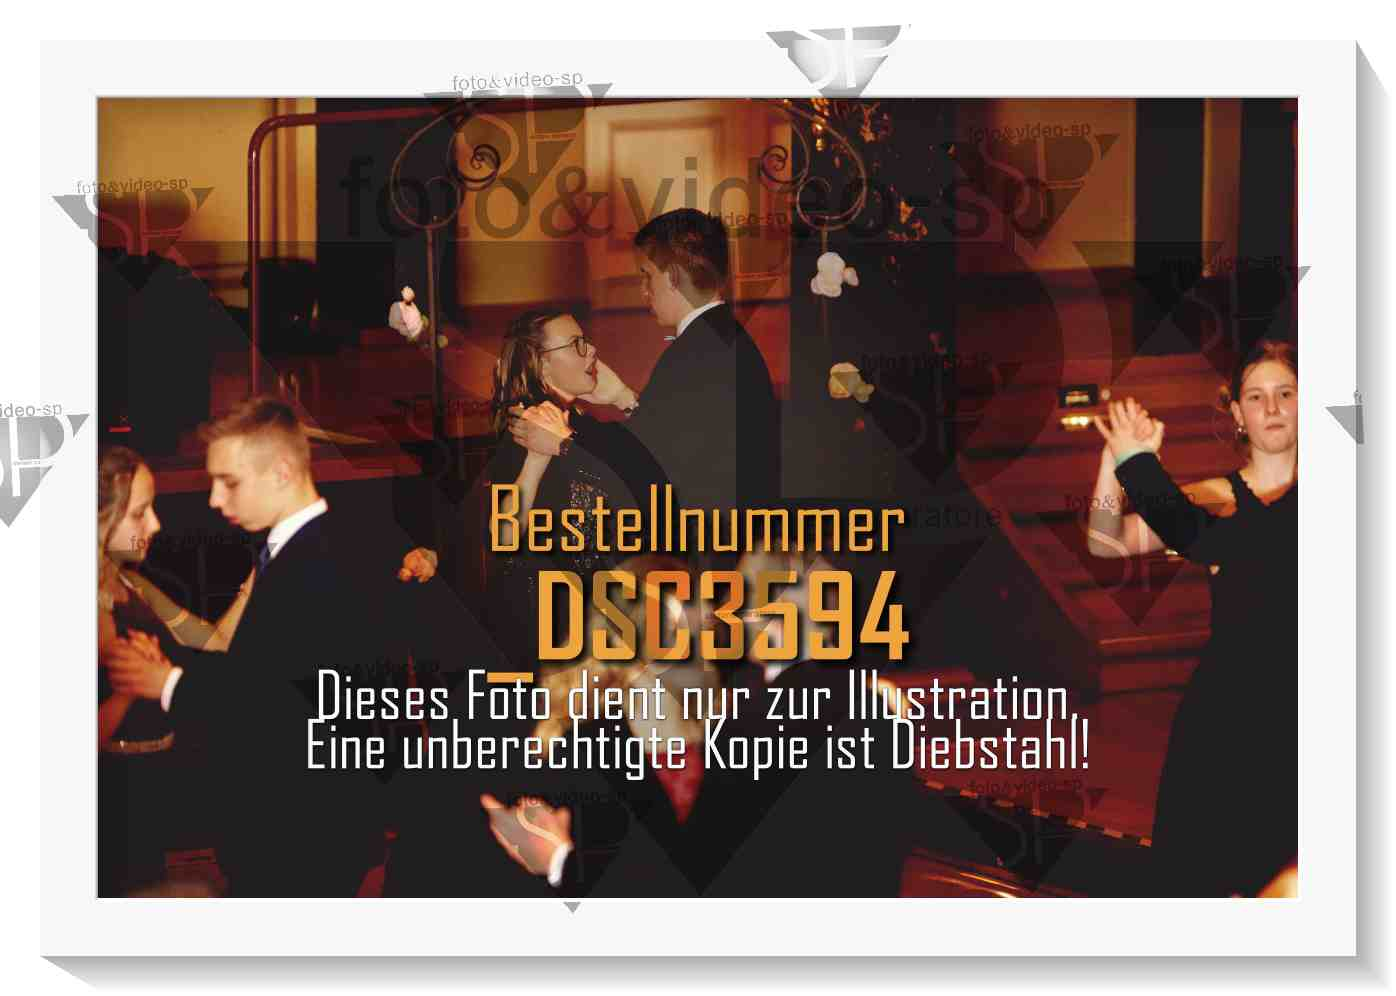 DSC3594